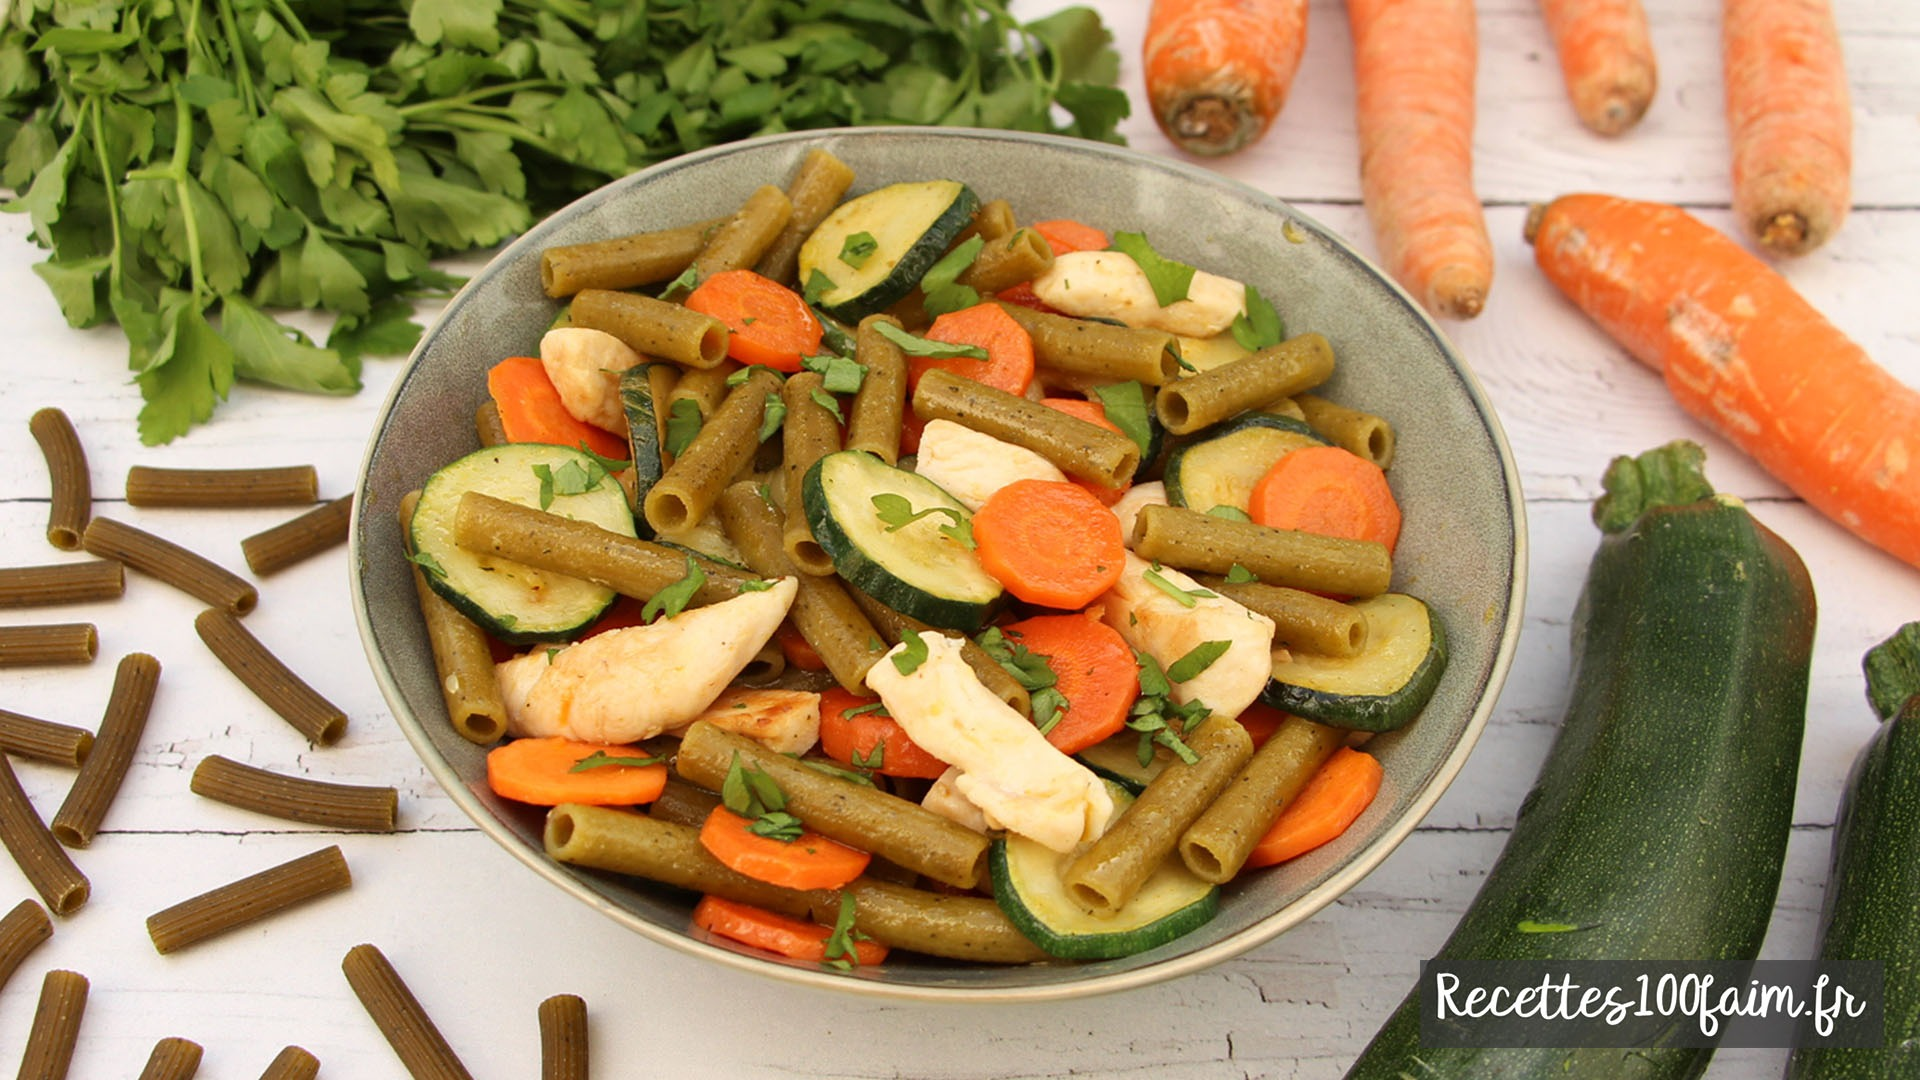 recette poelee poulet carotte courgette pates